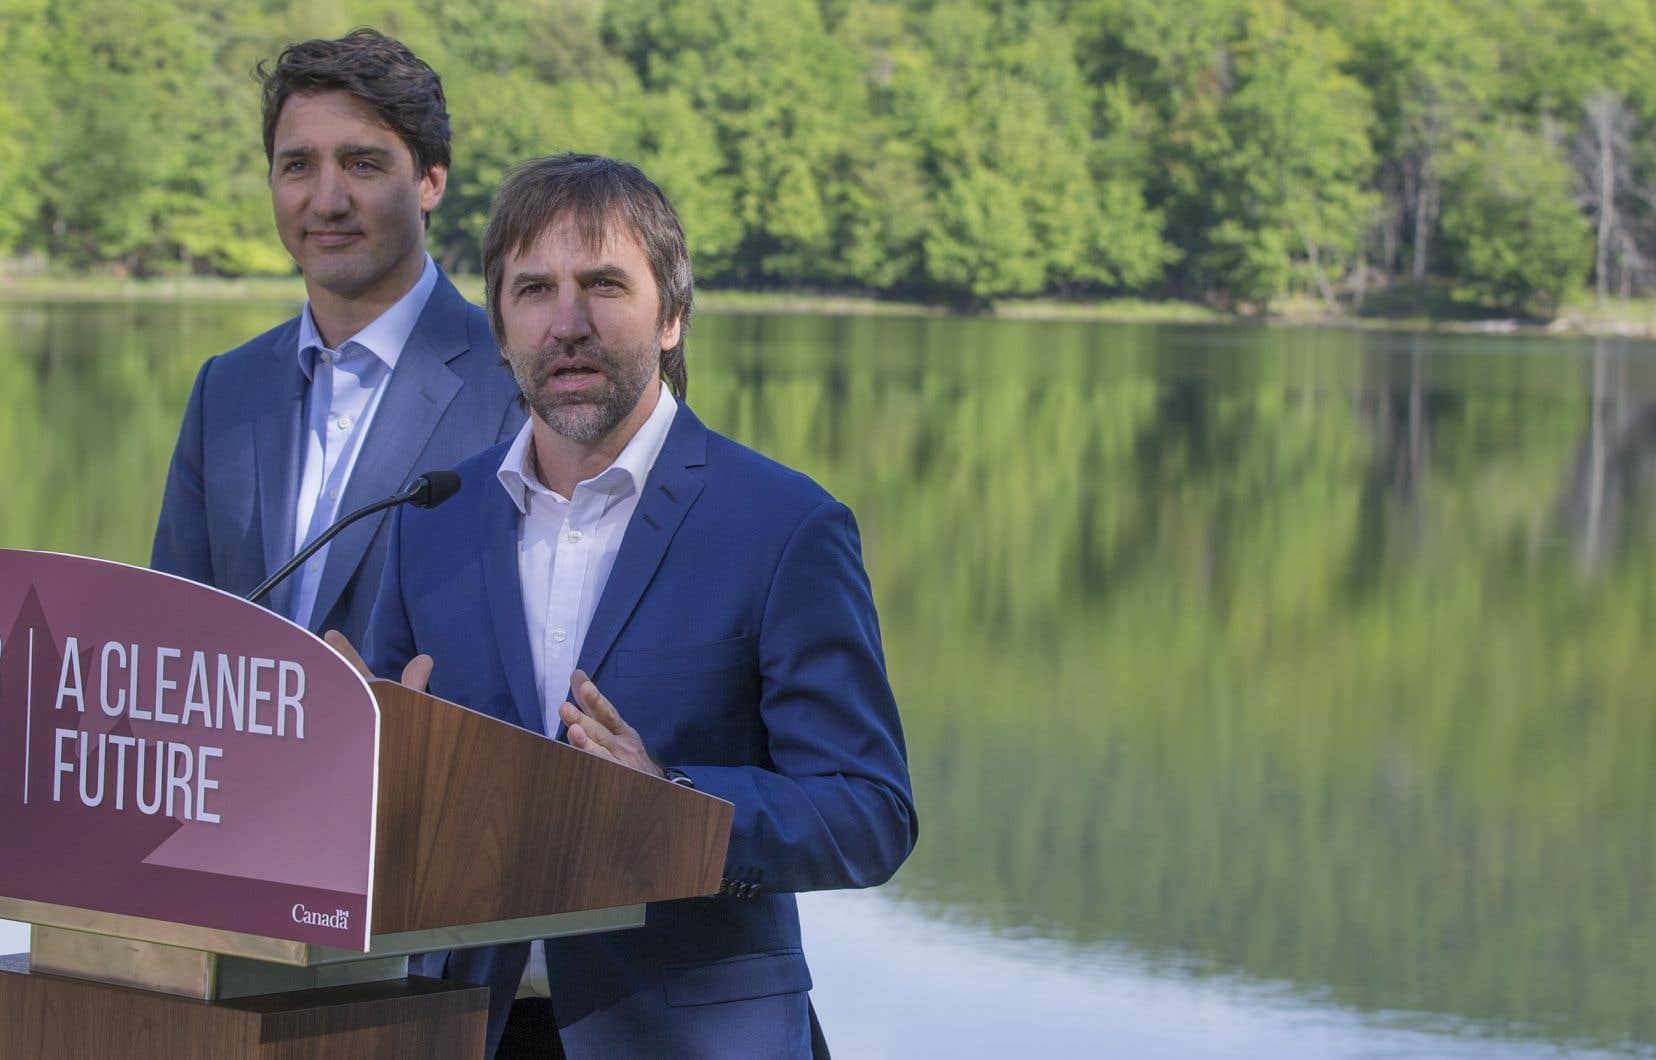 L'écologiste Steven Guilbeault avait présenté le premier ministre Trudeau lors de l'annonce libérale sur l'élimination prévue du plastique à usage unique, lundi dernier.